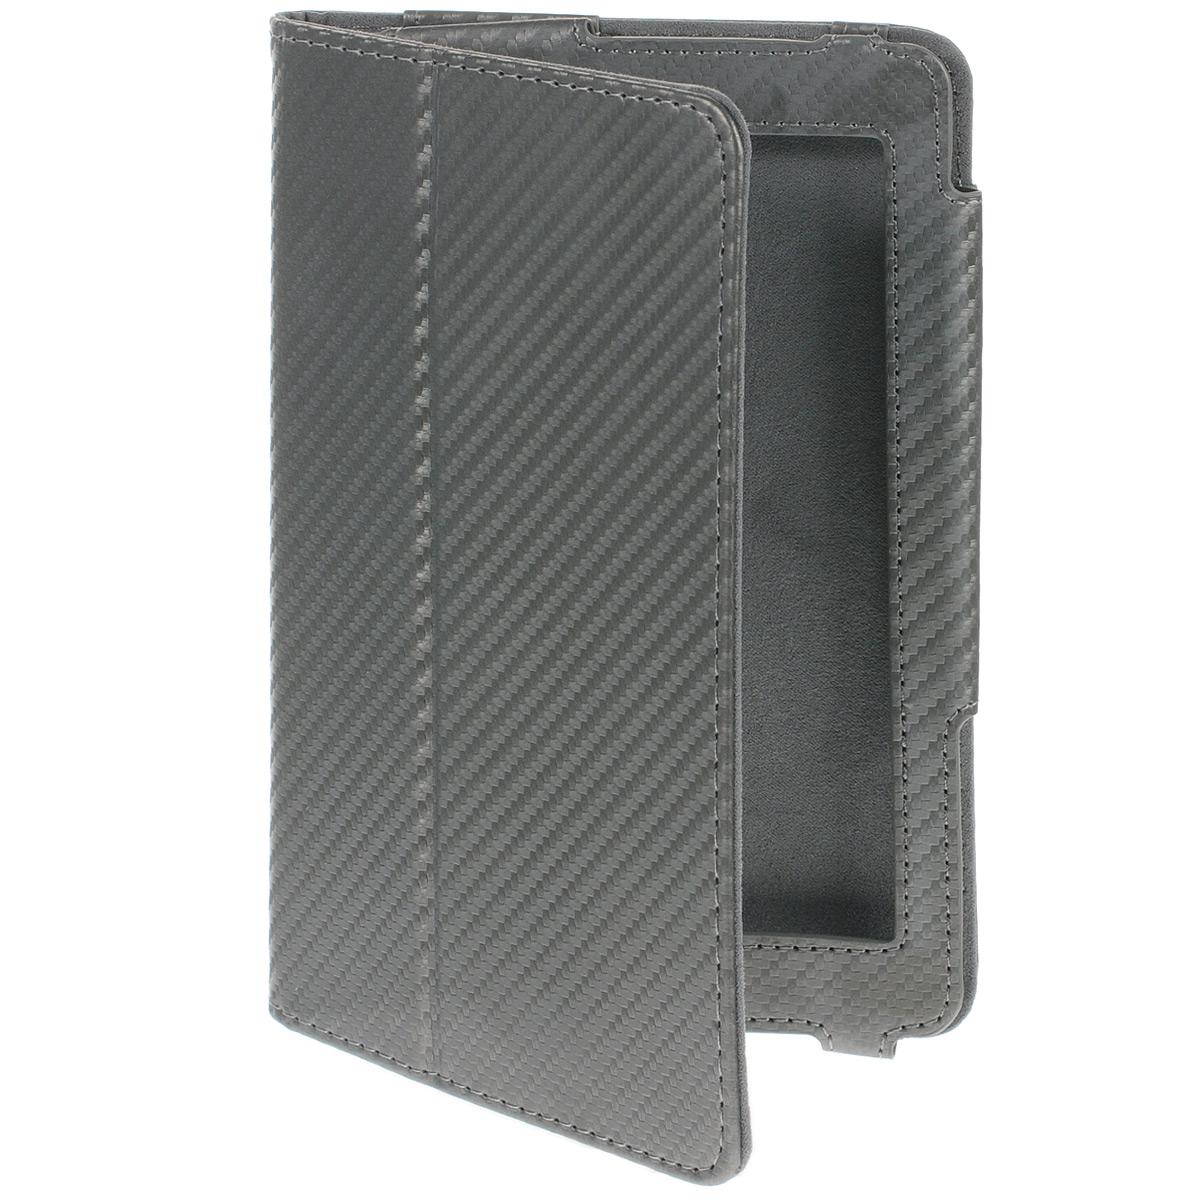 IT Baggage чехол с функцией стенд для Asus MeMO Pad 7 ME172V/ME371, GreyITASME1722-9Чехол IT Baggage с функцией стенд предназначен для Asus MeMO Pad 7 ME172V/ME371. Основа чехла имеет специальную рамку, надежно удерживающую планшет внутри. Крышка его выполнена из бархатистого материала, который обеспечивает деликатную защиту дисплея. Кроме того, на ней имеется несколько граней, с помощью которых плоскость может изгибаться, превращаясь в удобную подставку.